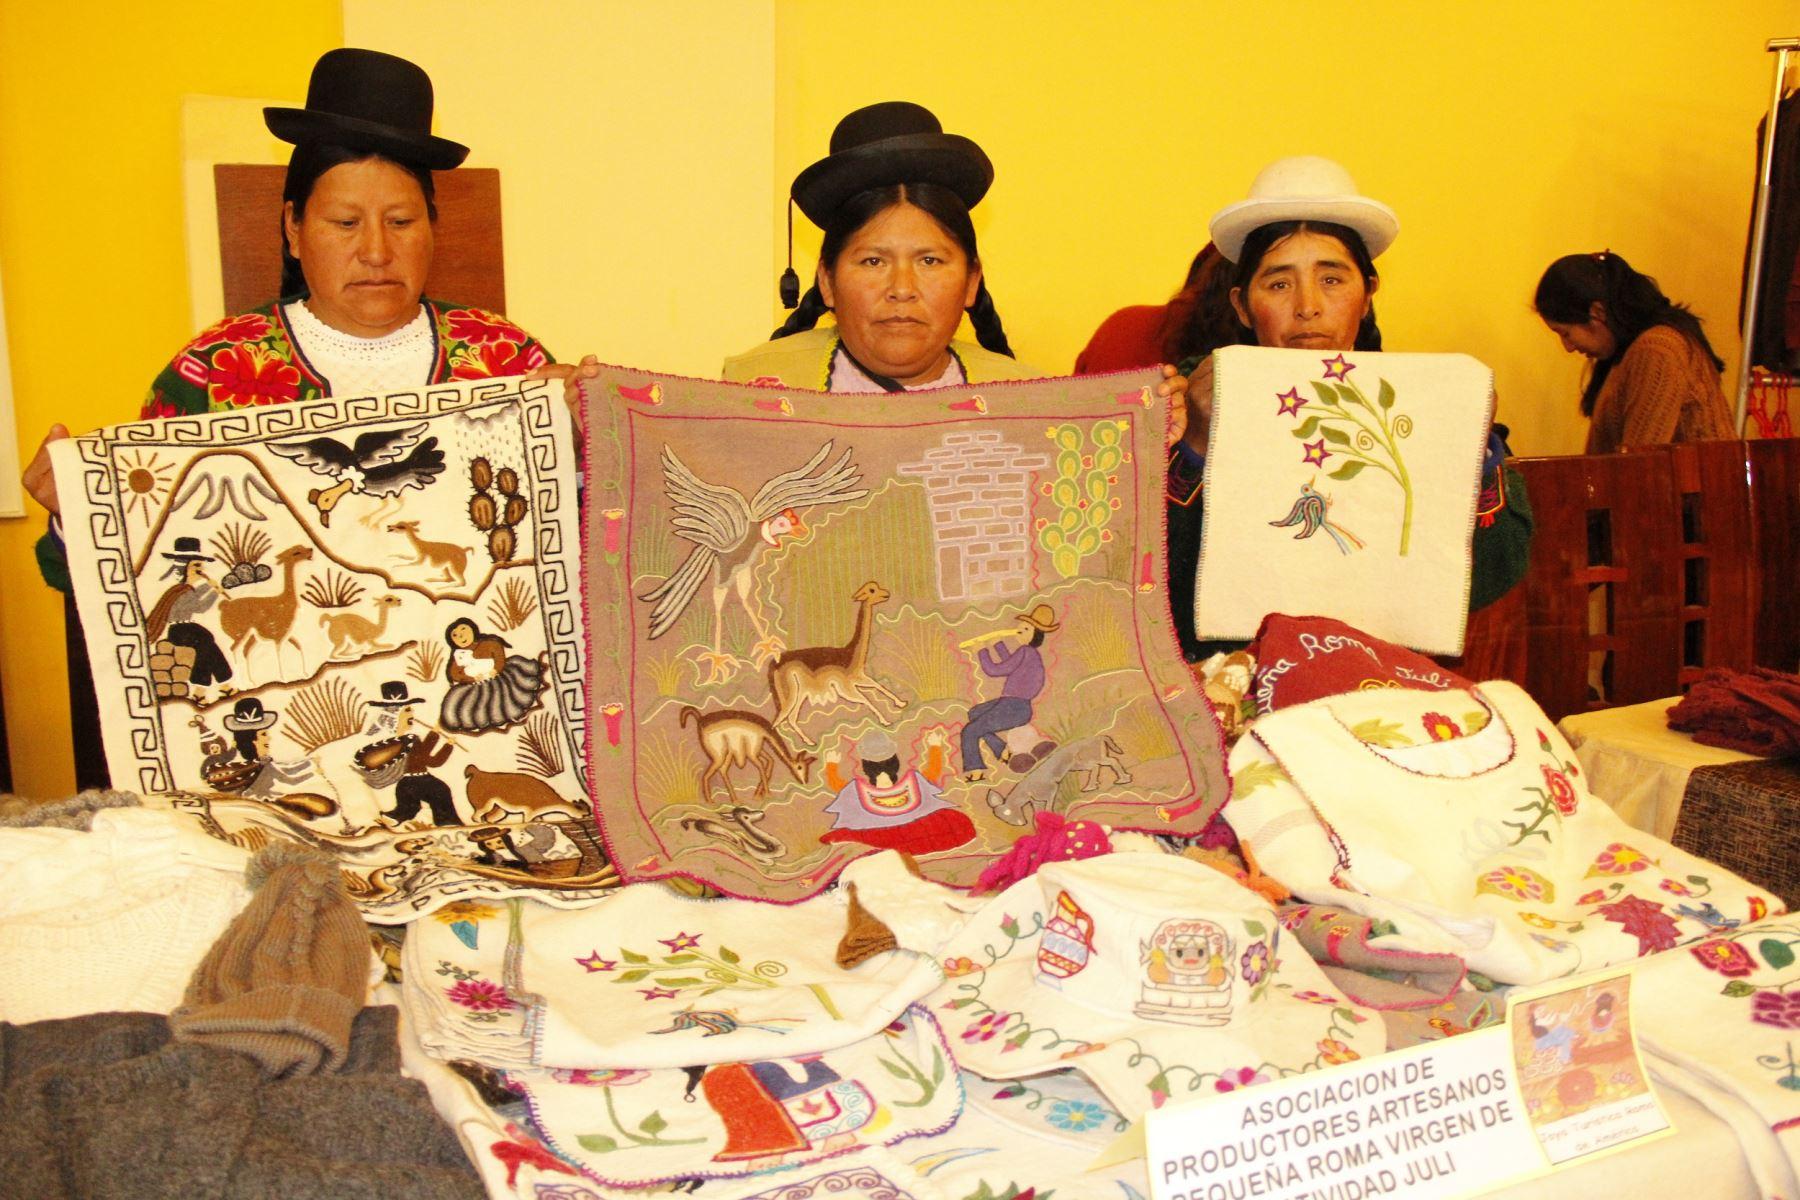 Indecopi entrega marcas colectivas a artesanos y productores agroindustriales de Puno. ANDINA